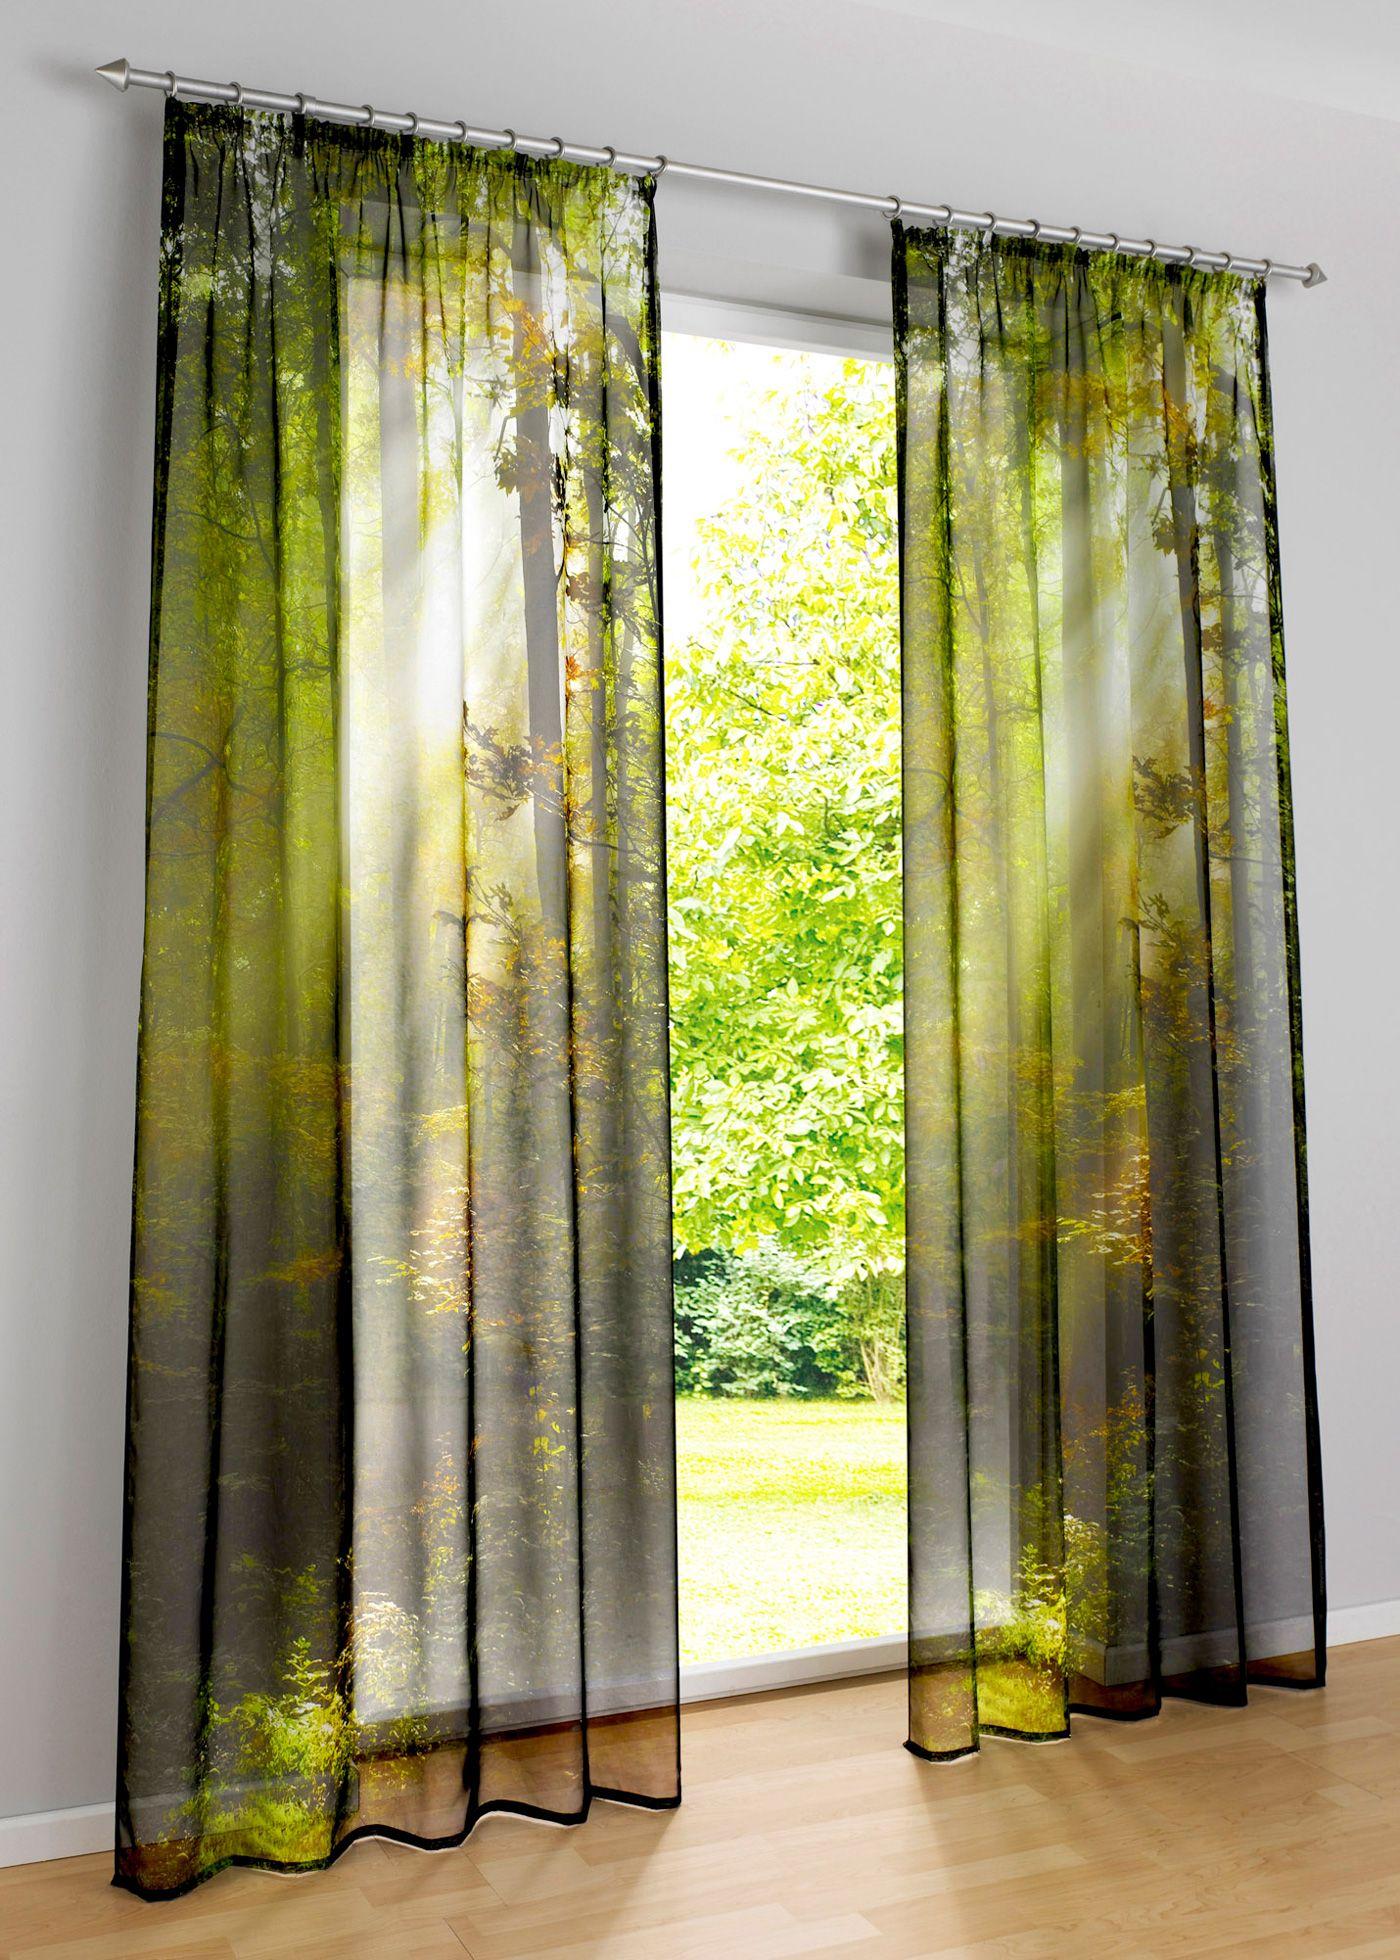 Vorhang Fotodruck jetzt anschauen transparente gardine aus voile mit effektvollem